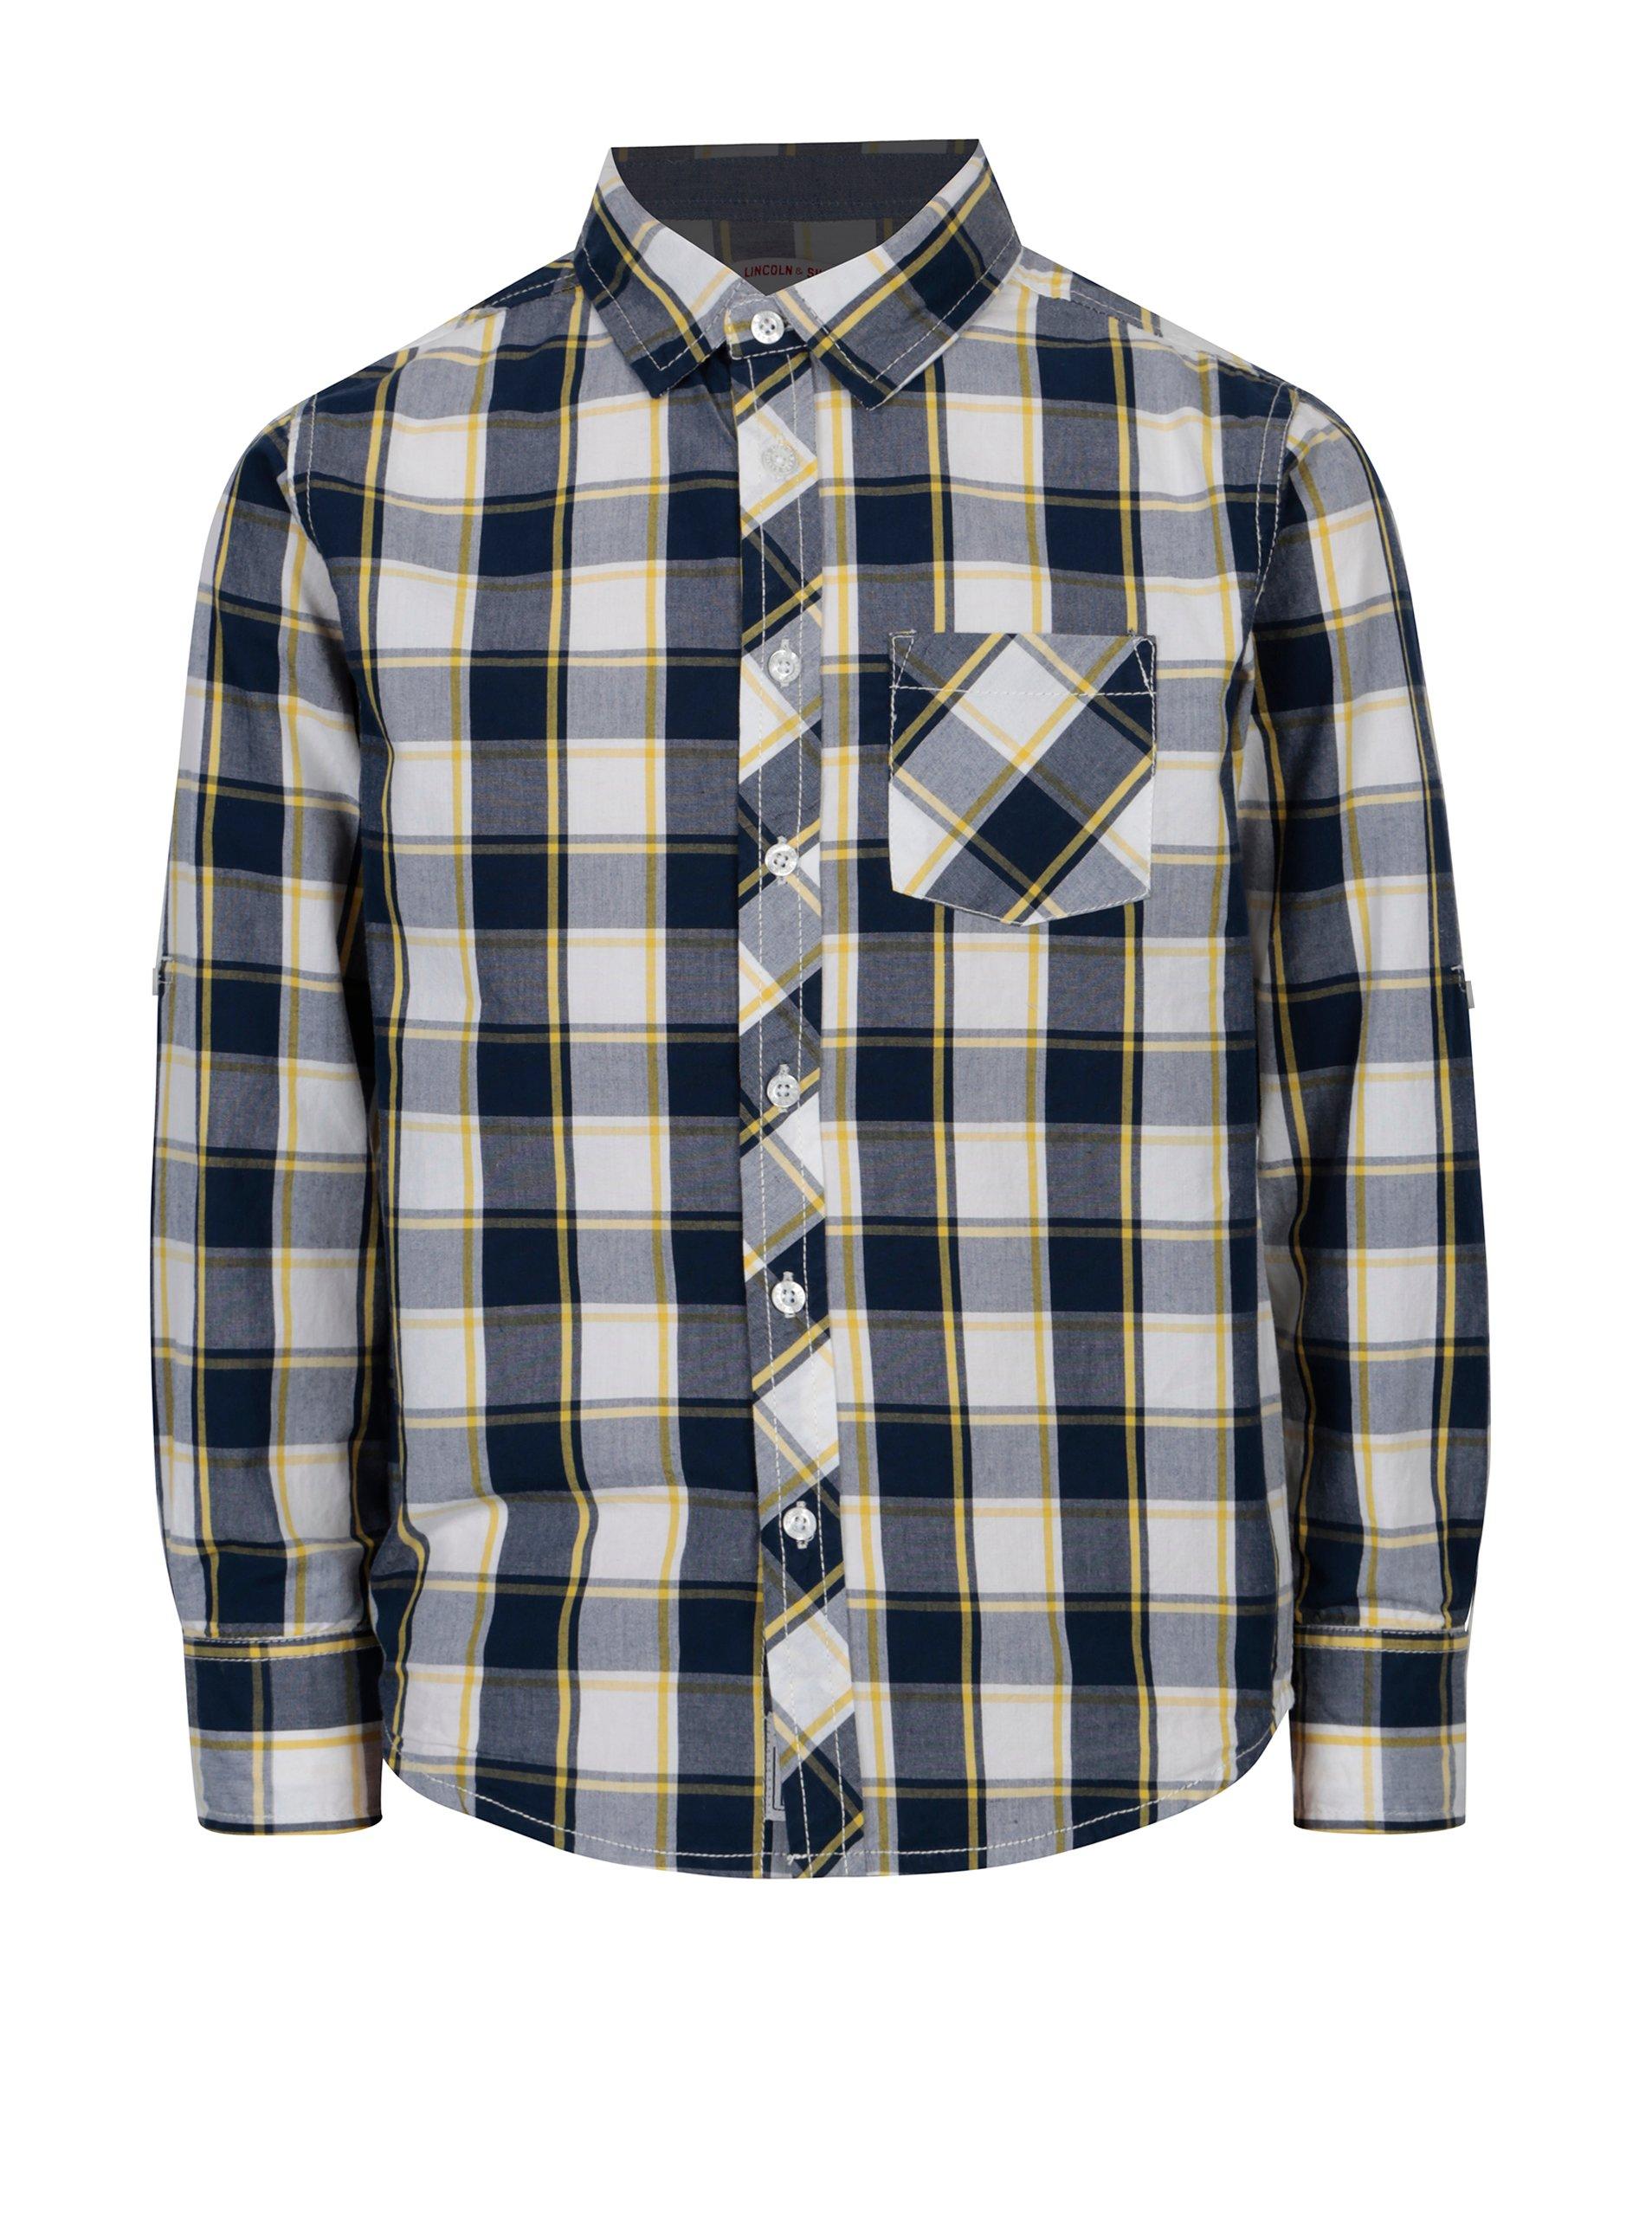 6e76e00d8d83 Modrá chlapčenská károvaná košeľa s dlhým rukávom 5.10.15.